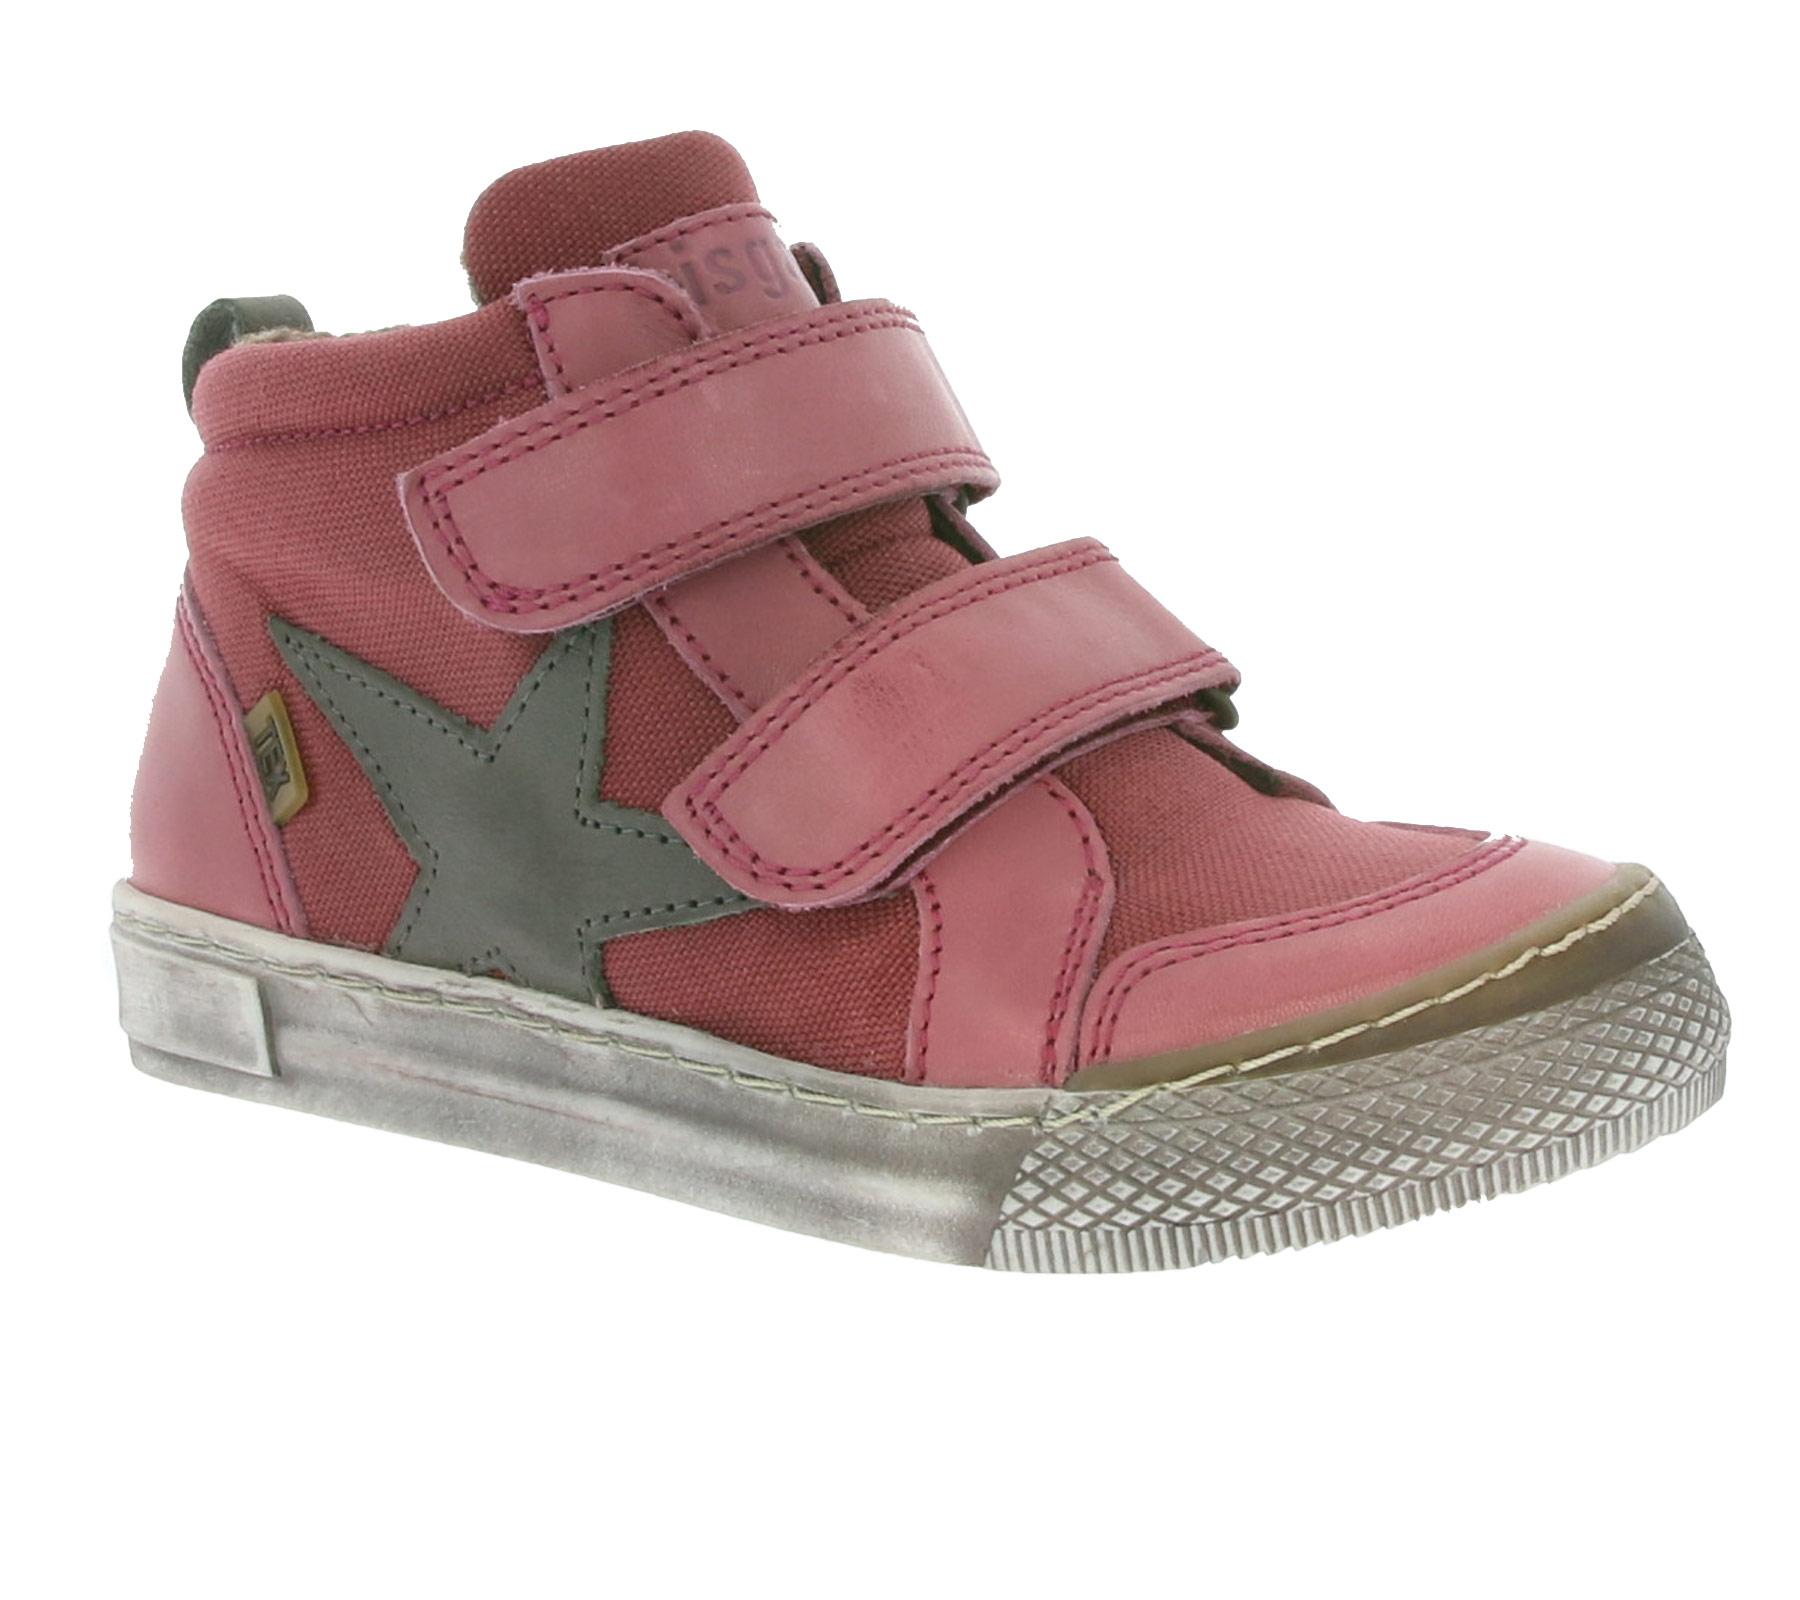 bisgaard Star Kinder Sneaker Pink bei outlet46